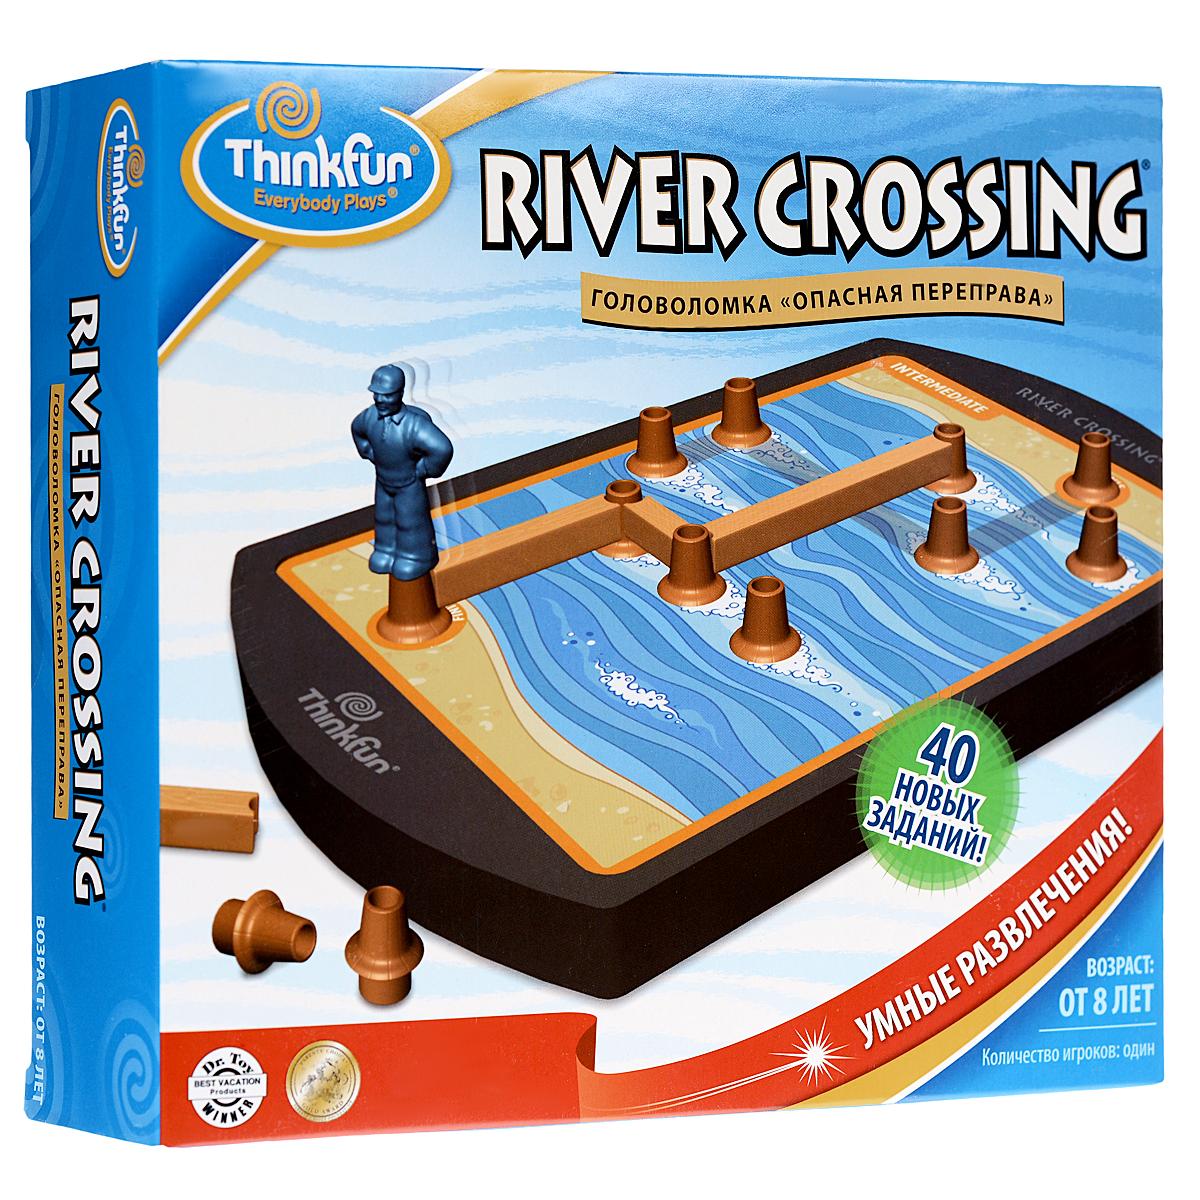 Thinkfun Головоломка Опасная переправа7020-RUУвлекательная головоломка Thinkfun Опасная переправа позволит ребенку весело и с пользой провести время. Настольная игра-головоломка Опасная переправа включает в себя игровое поле, 26 элементов головоломки в виде пеньков и досок, фигурку туриста, а также 40 карточек с заданиями различной сложности, от начинающего до эксперта. Как играть: Выберите карточку с заданием, положите ее на игровое поле и вставьте пеньки в свободные места. Начните с легких уровней, чтобы подготовиться к прохождению сложных! Цель игры: Постройте мостик из пеньков и досок, чтобы перейти на другой берег реки. Будьте сосредоточены - задания не так просты! Вам придется планировать ваши ходы наперед, иначе вы можете застрять посередине реки! В комплект входит мешочек для хранения игровых принадлежностей. Такая игра надолго займет ребенка, и поможет ему раскрыть свой потенциал, научит его логическому мышлению и поспособствует развитию мелкой моторики.